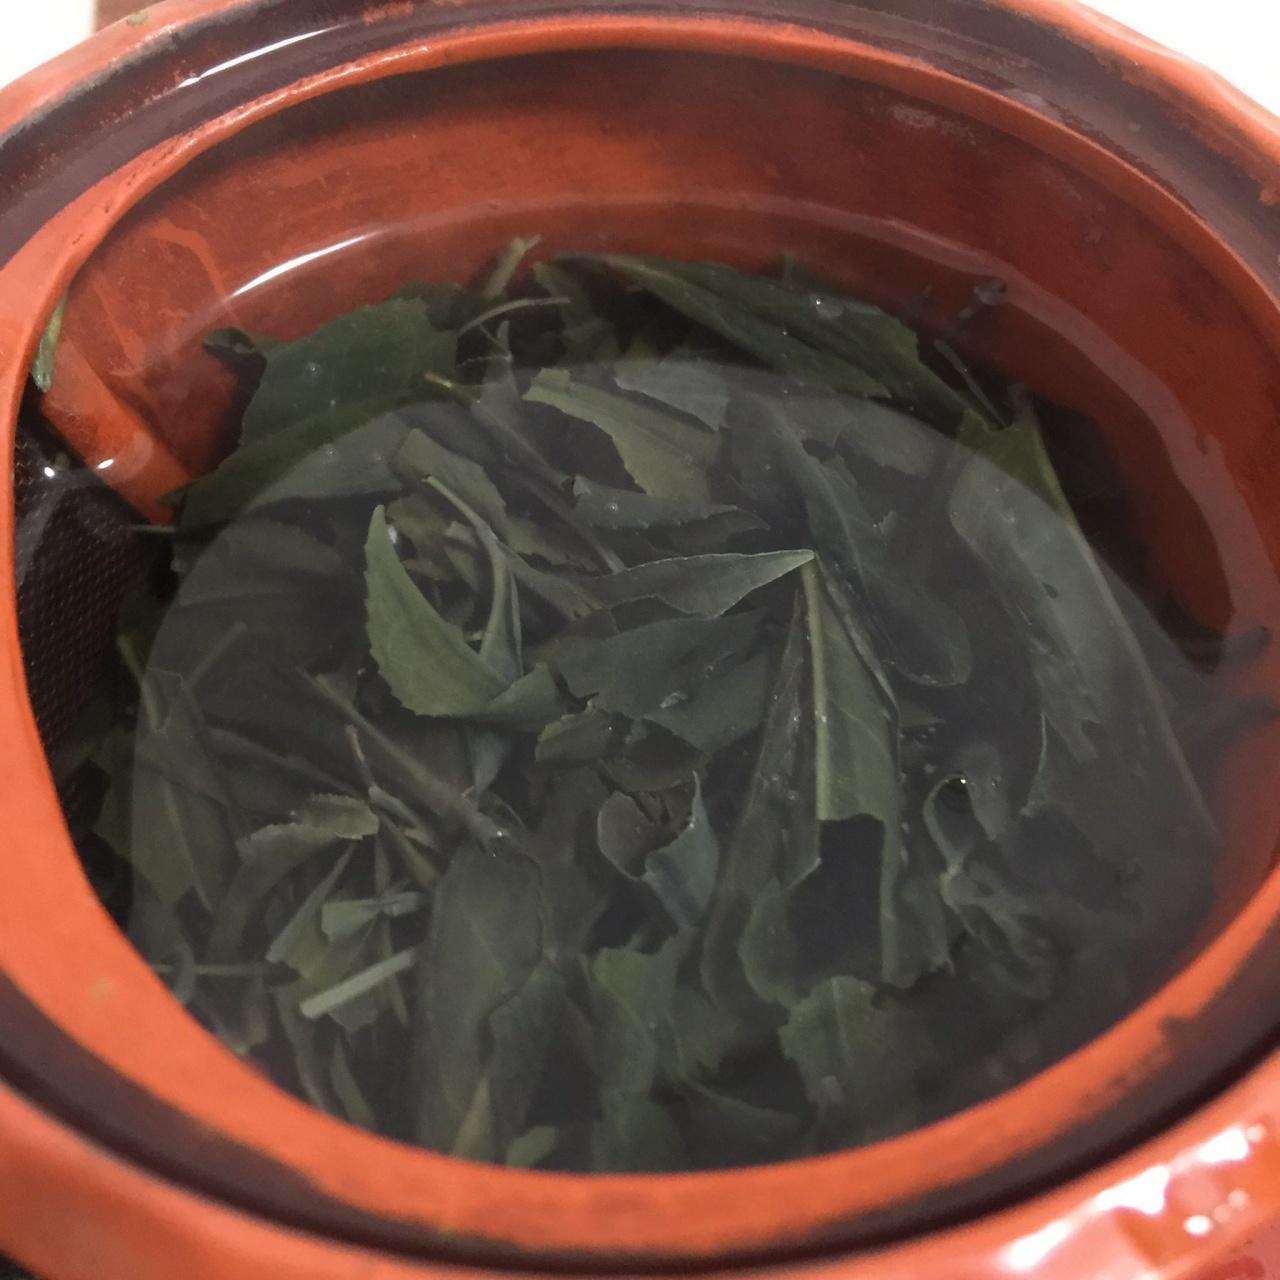 сан руж японский чай